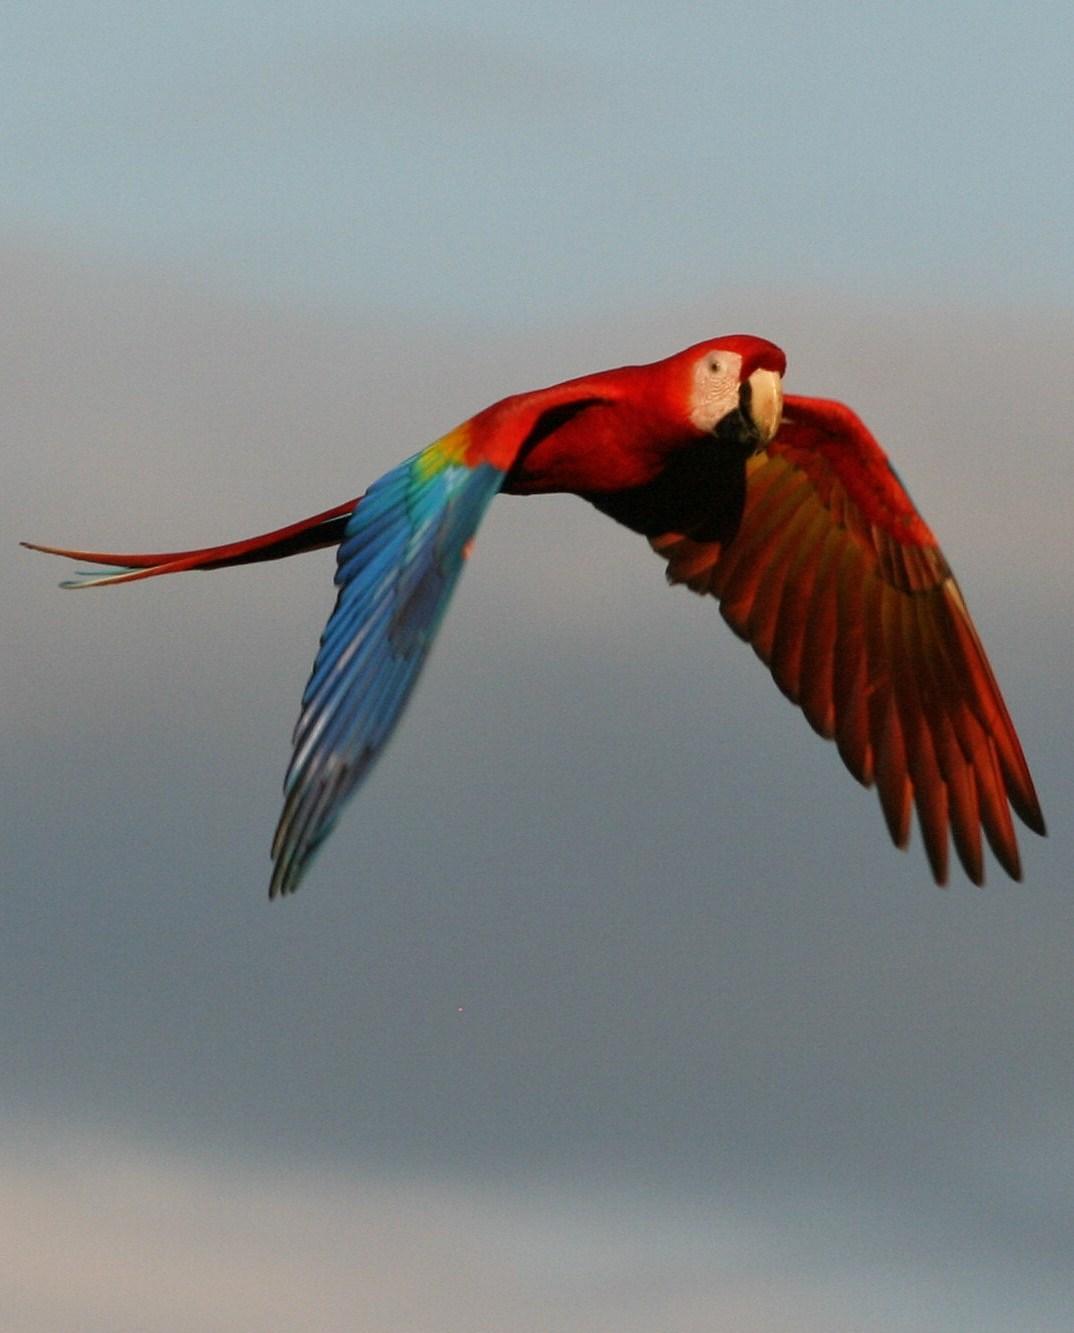 Scarlet Macaw Photo by Oscar Johnson